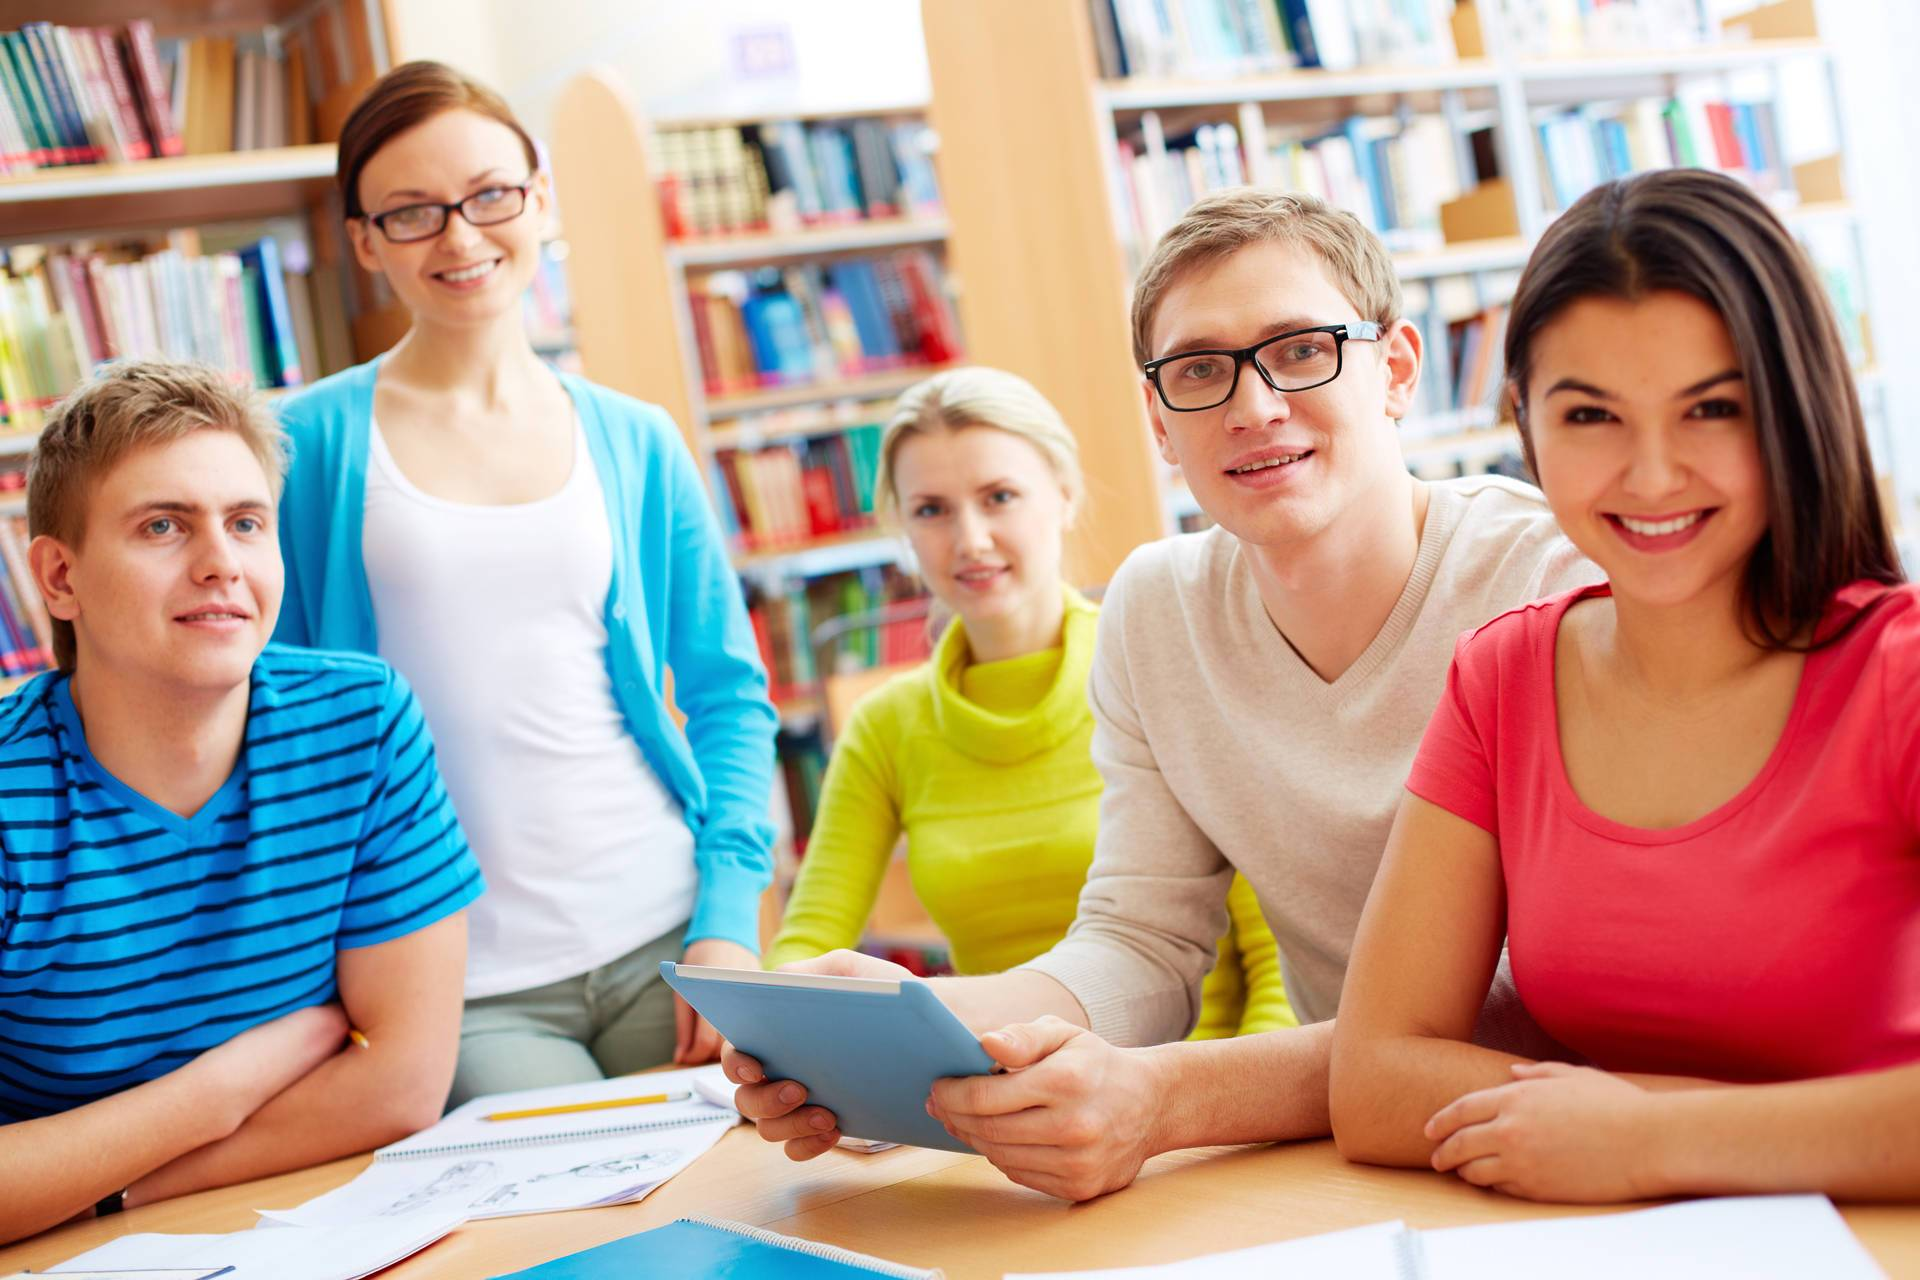 Etapy rozwoju mowy i pojawiania się głosek u dzieci w wieku przedszkolnym